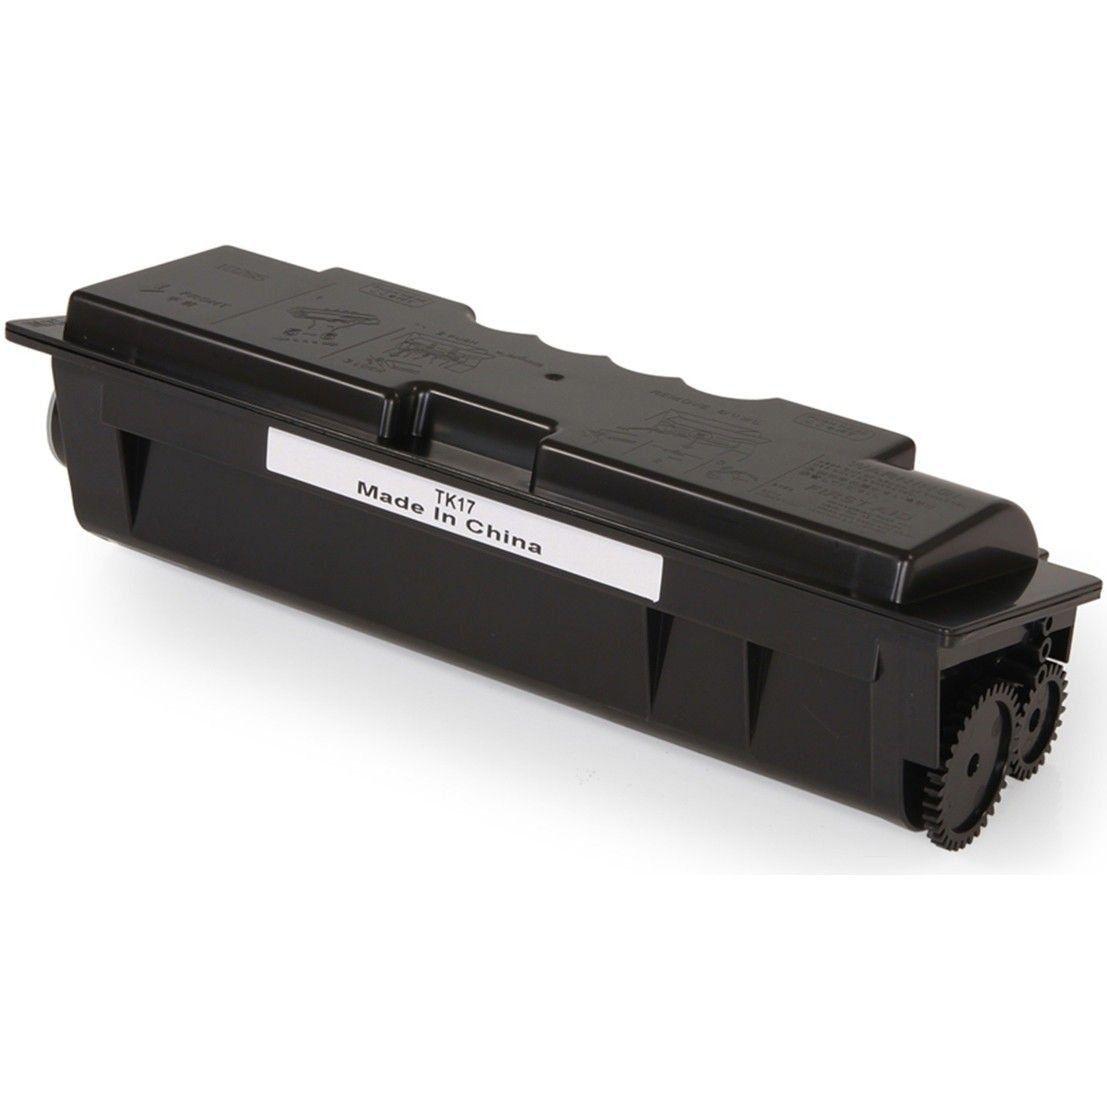 Compatível: Toner TK17 TK18 TK100 para Kyocera FS1010 FS1050 FS1018 KM1500 KM1815 KM1820 KM1820LA / Preto / 7.200